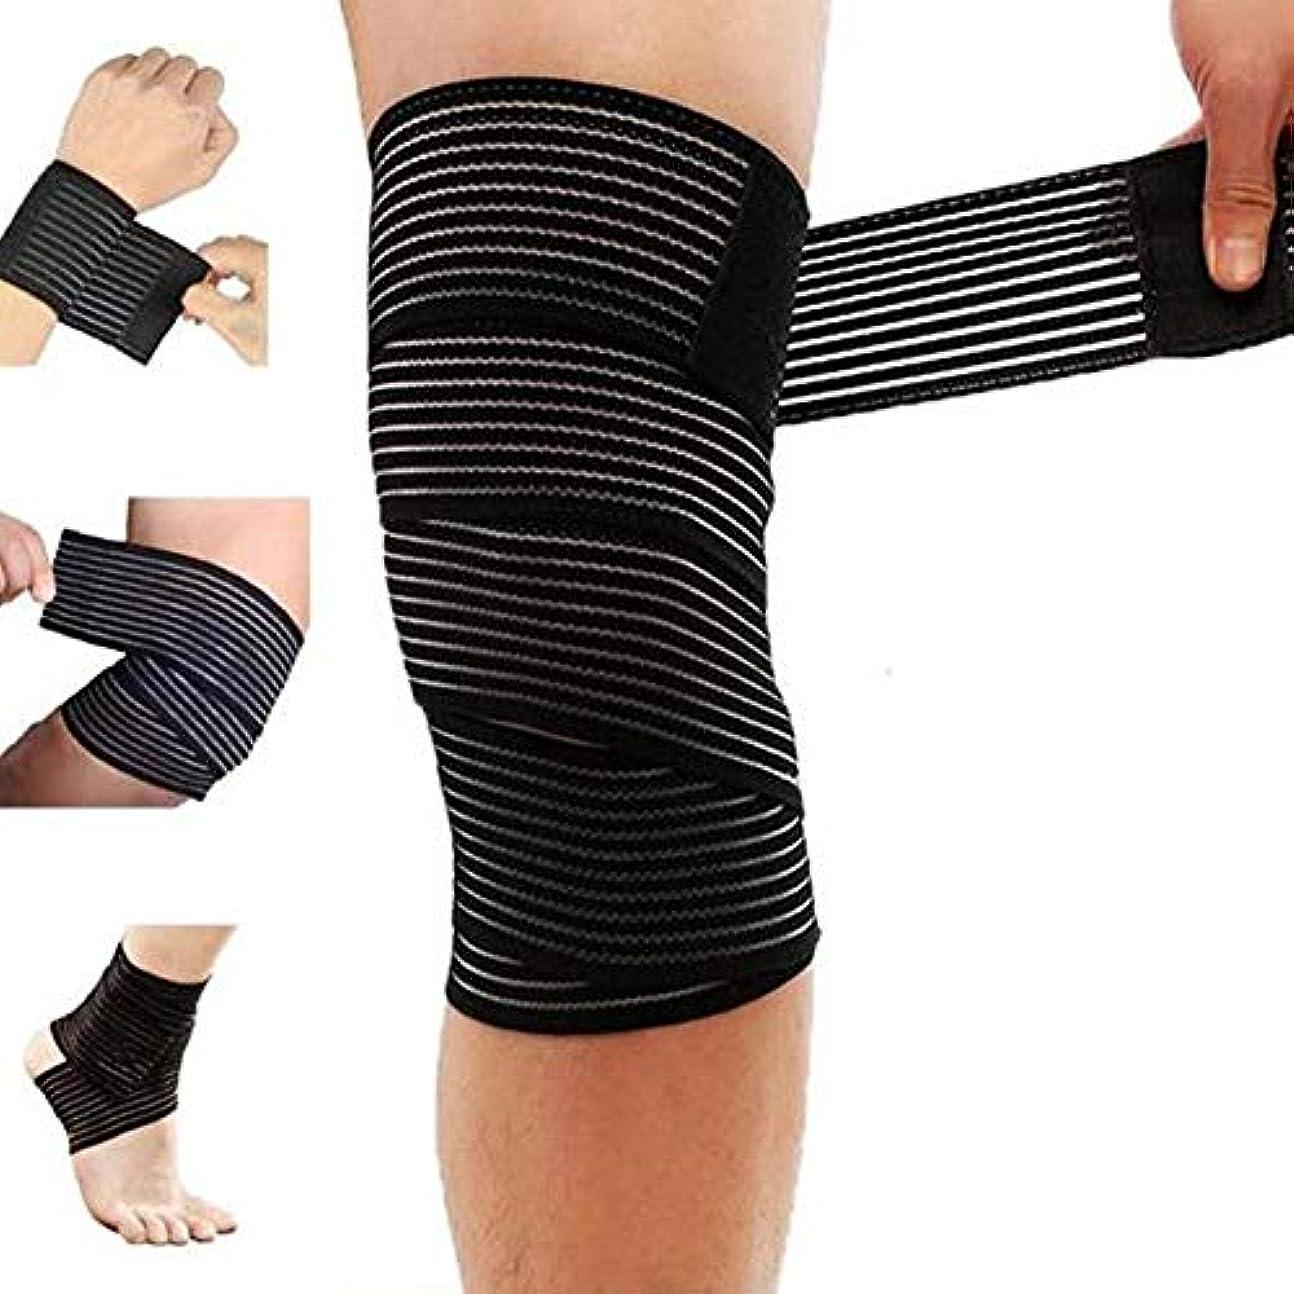 にやにや成功調整可能な膝パッドフィットネス機器ベルトストラップ膝パッドストレッチメンズブラック2ペアのランニングテニスサッカーやその他のジョギング保護機器に適したストレッチパッケージ120*7.5cm (protective calf)